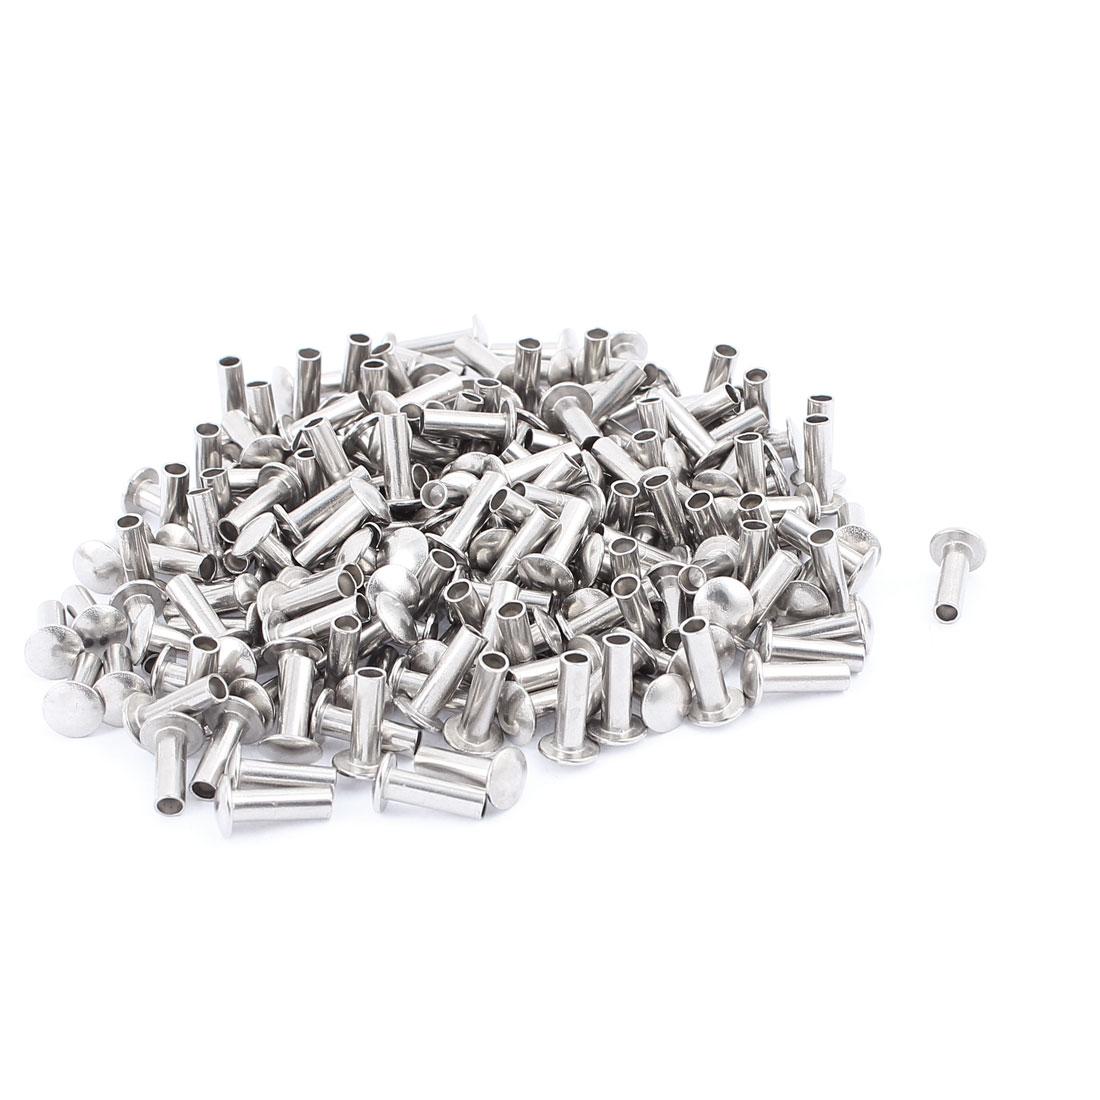 200 Pcs M4 x 12mm Nickel Plated Oval Head Semi-Tubular Rivets Silver Tone